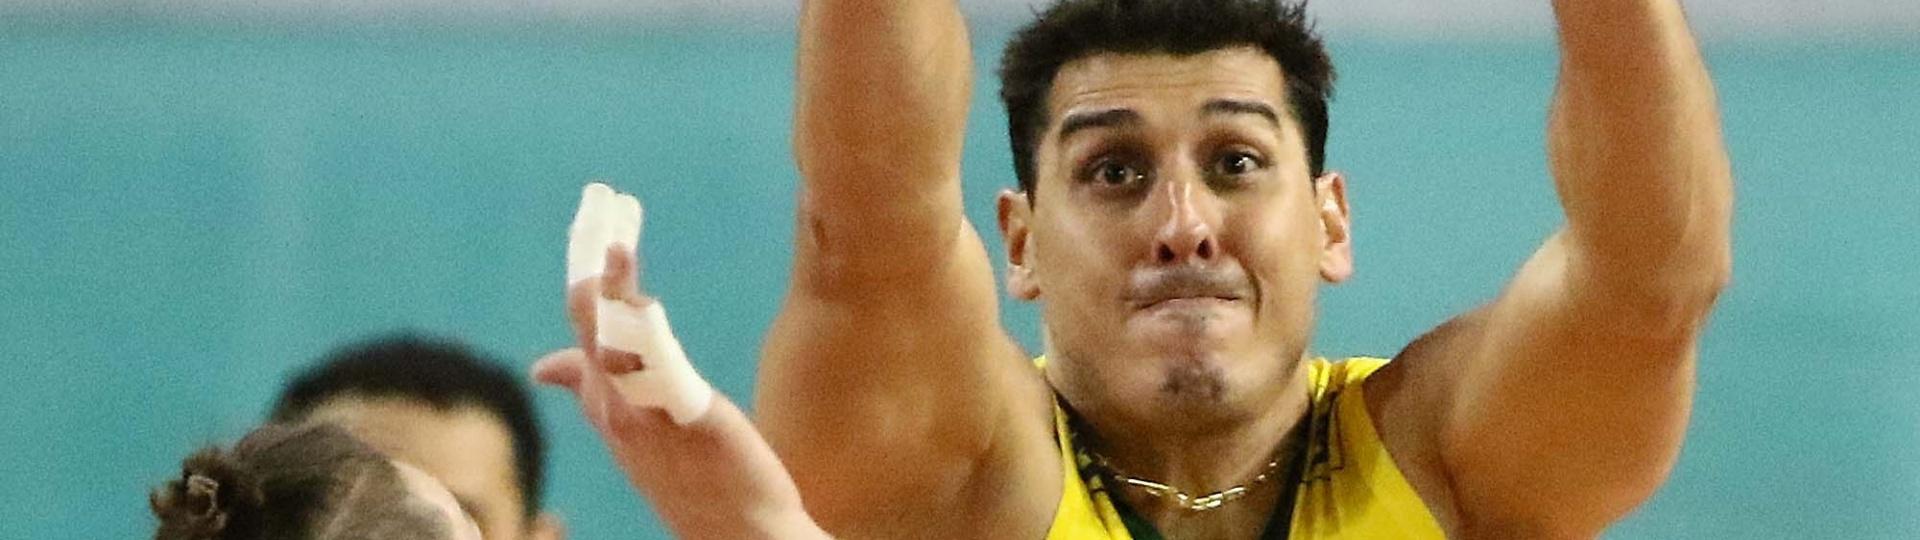 Ausente da seleção desde o Mundial de 2014, Sidão voltou ao time brasileiro nesta segunda-feira